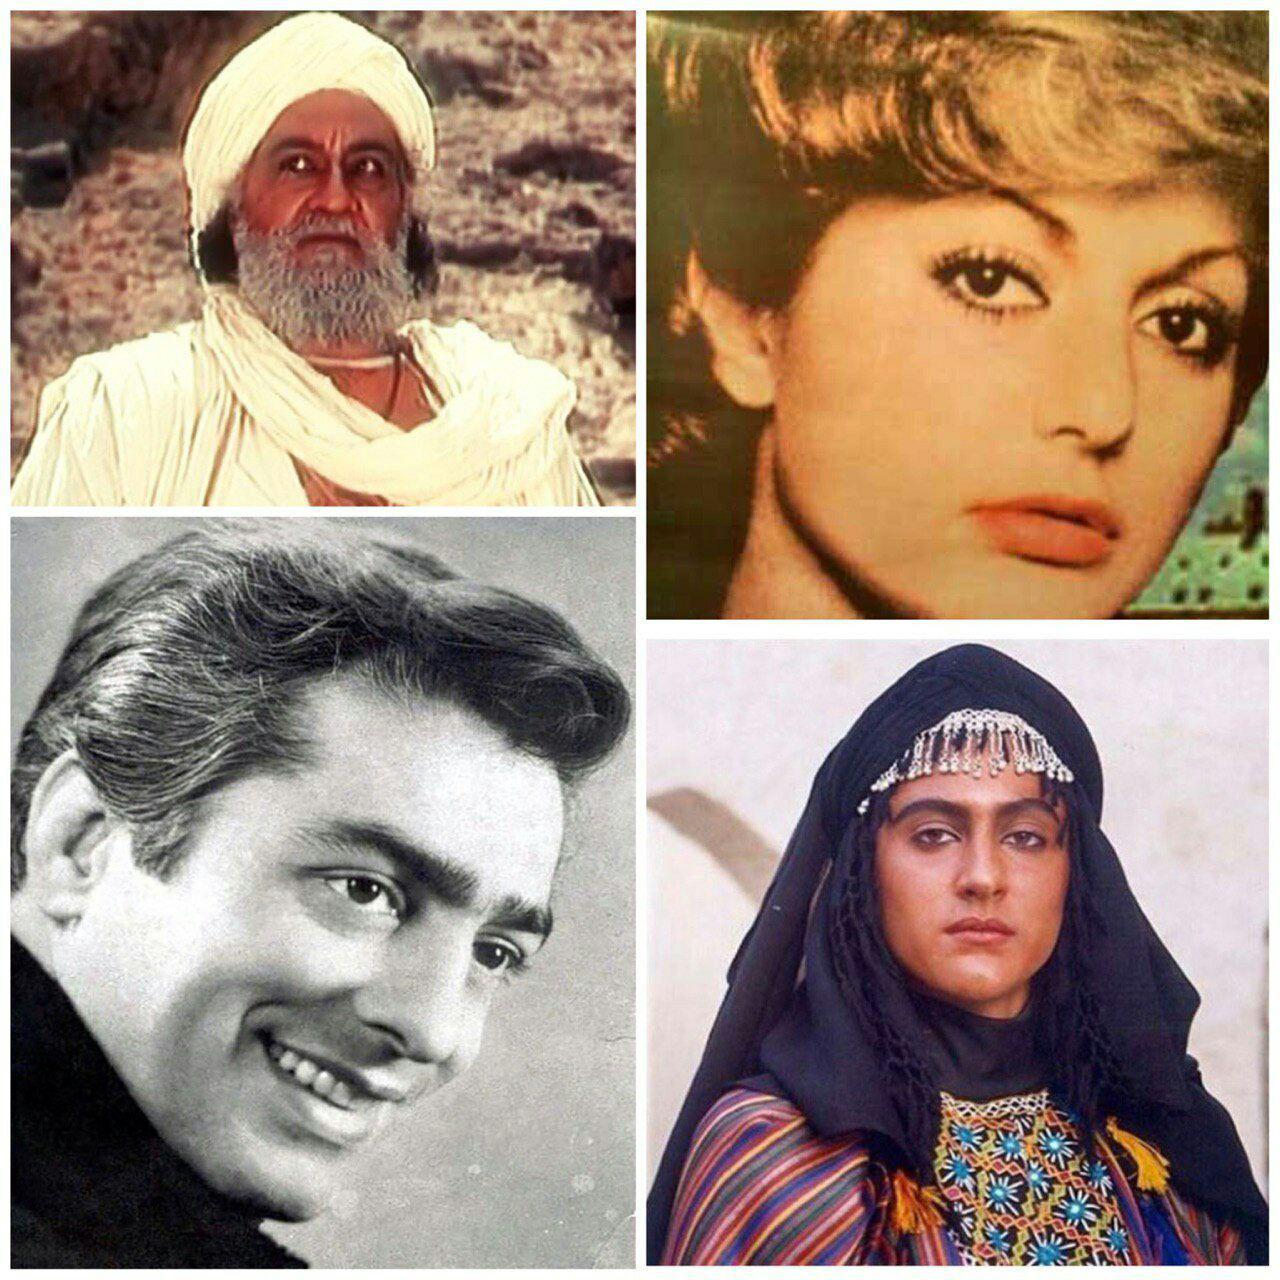 محمد بیکزاده تهیهکننده سریال ماندگار امام علی(ع): میخواستیم فردین مالک اشتر باشد و گوگوش قطام!